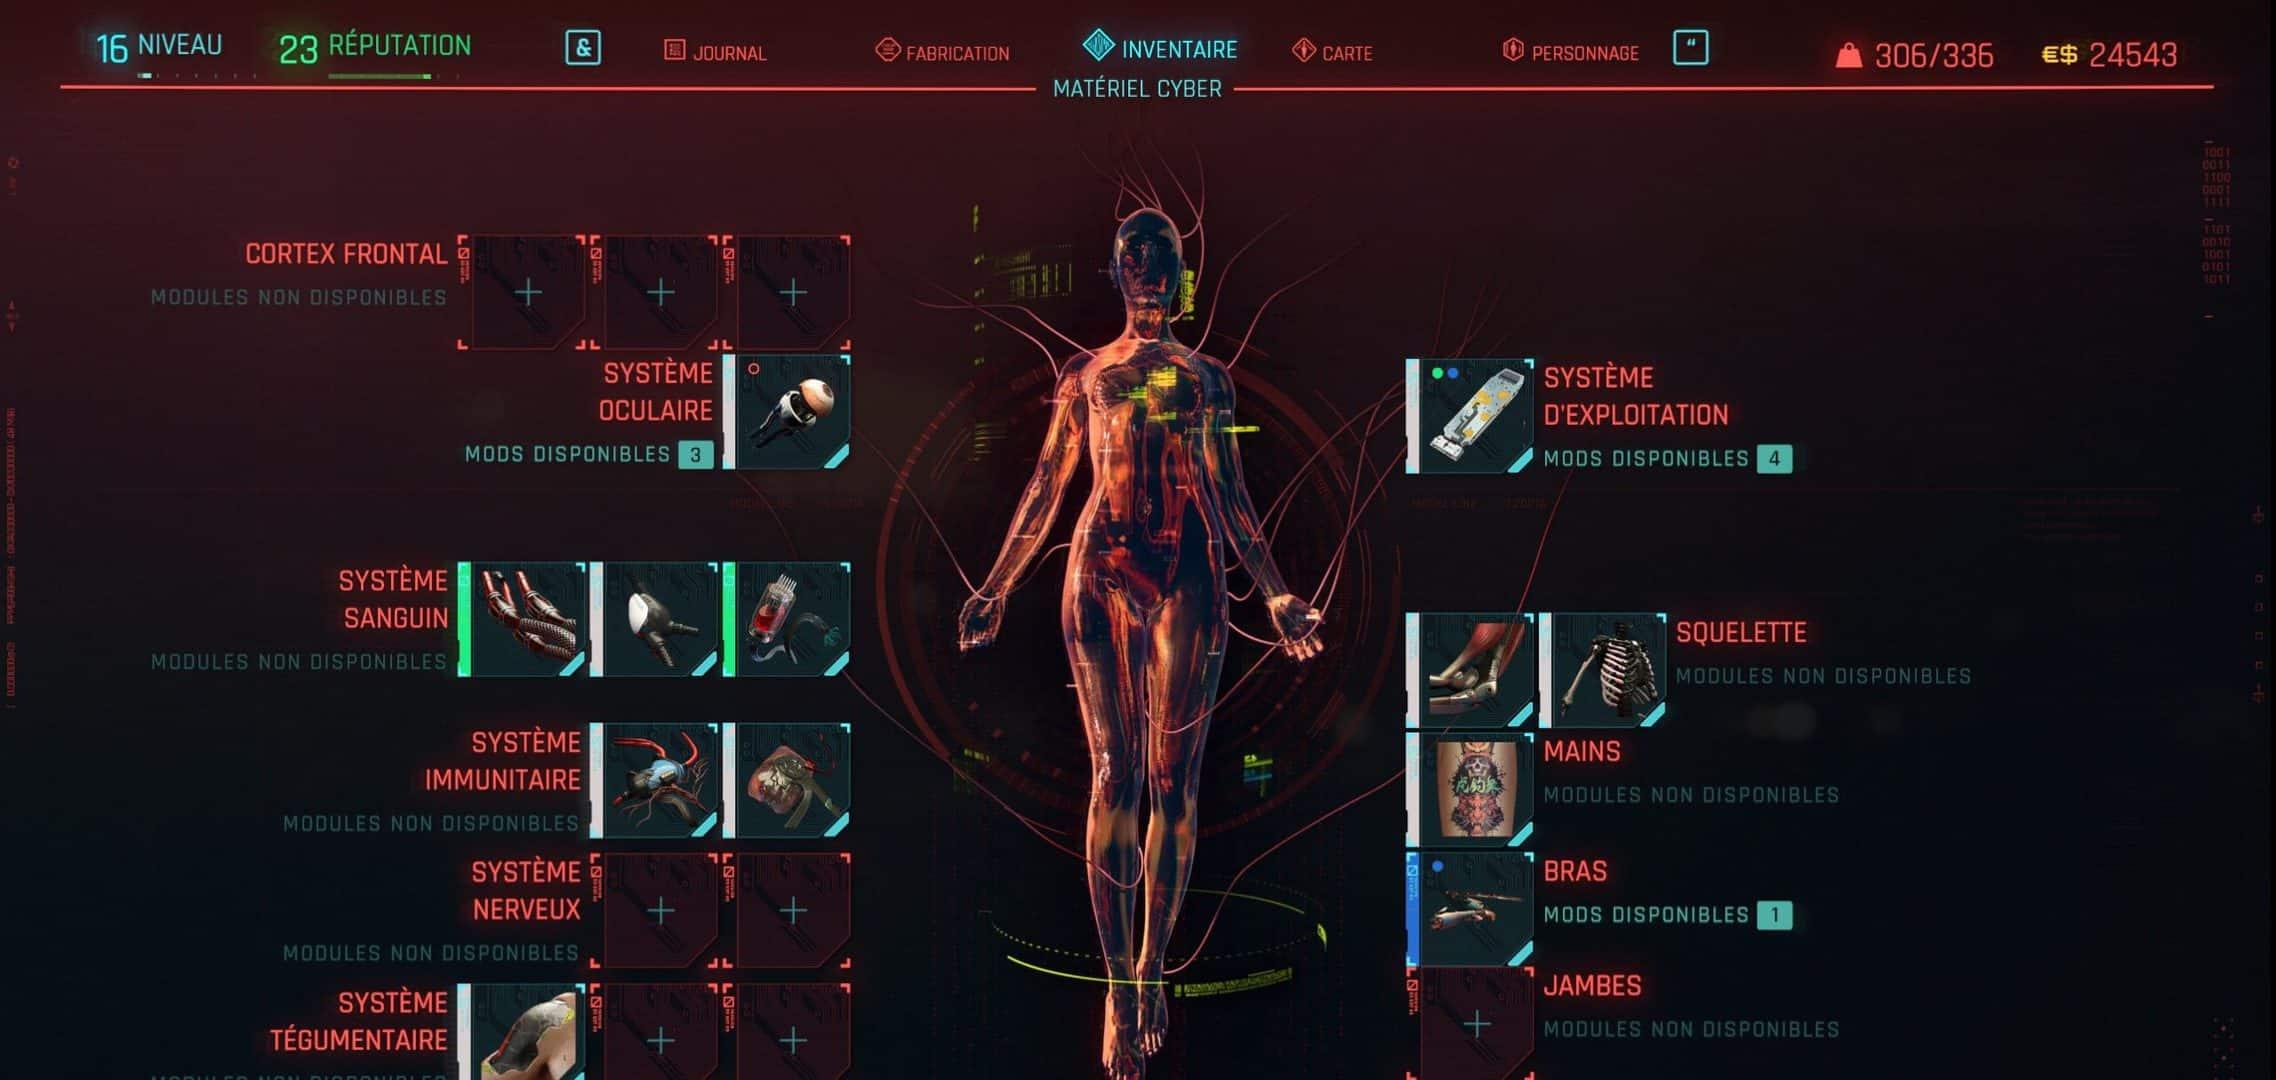 Equipez-vous des meilleurs implants cybernétiques